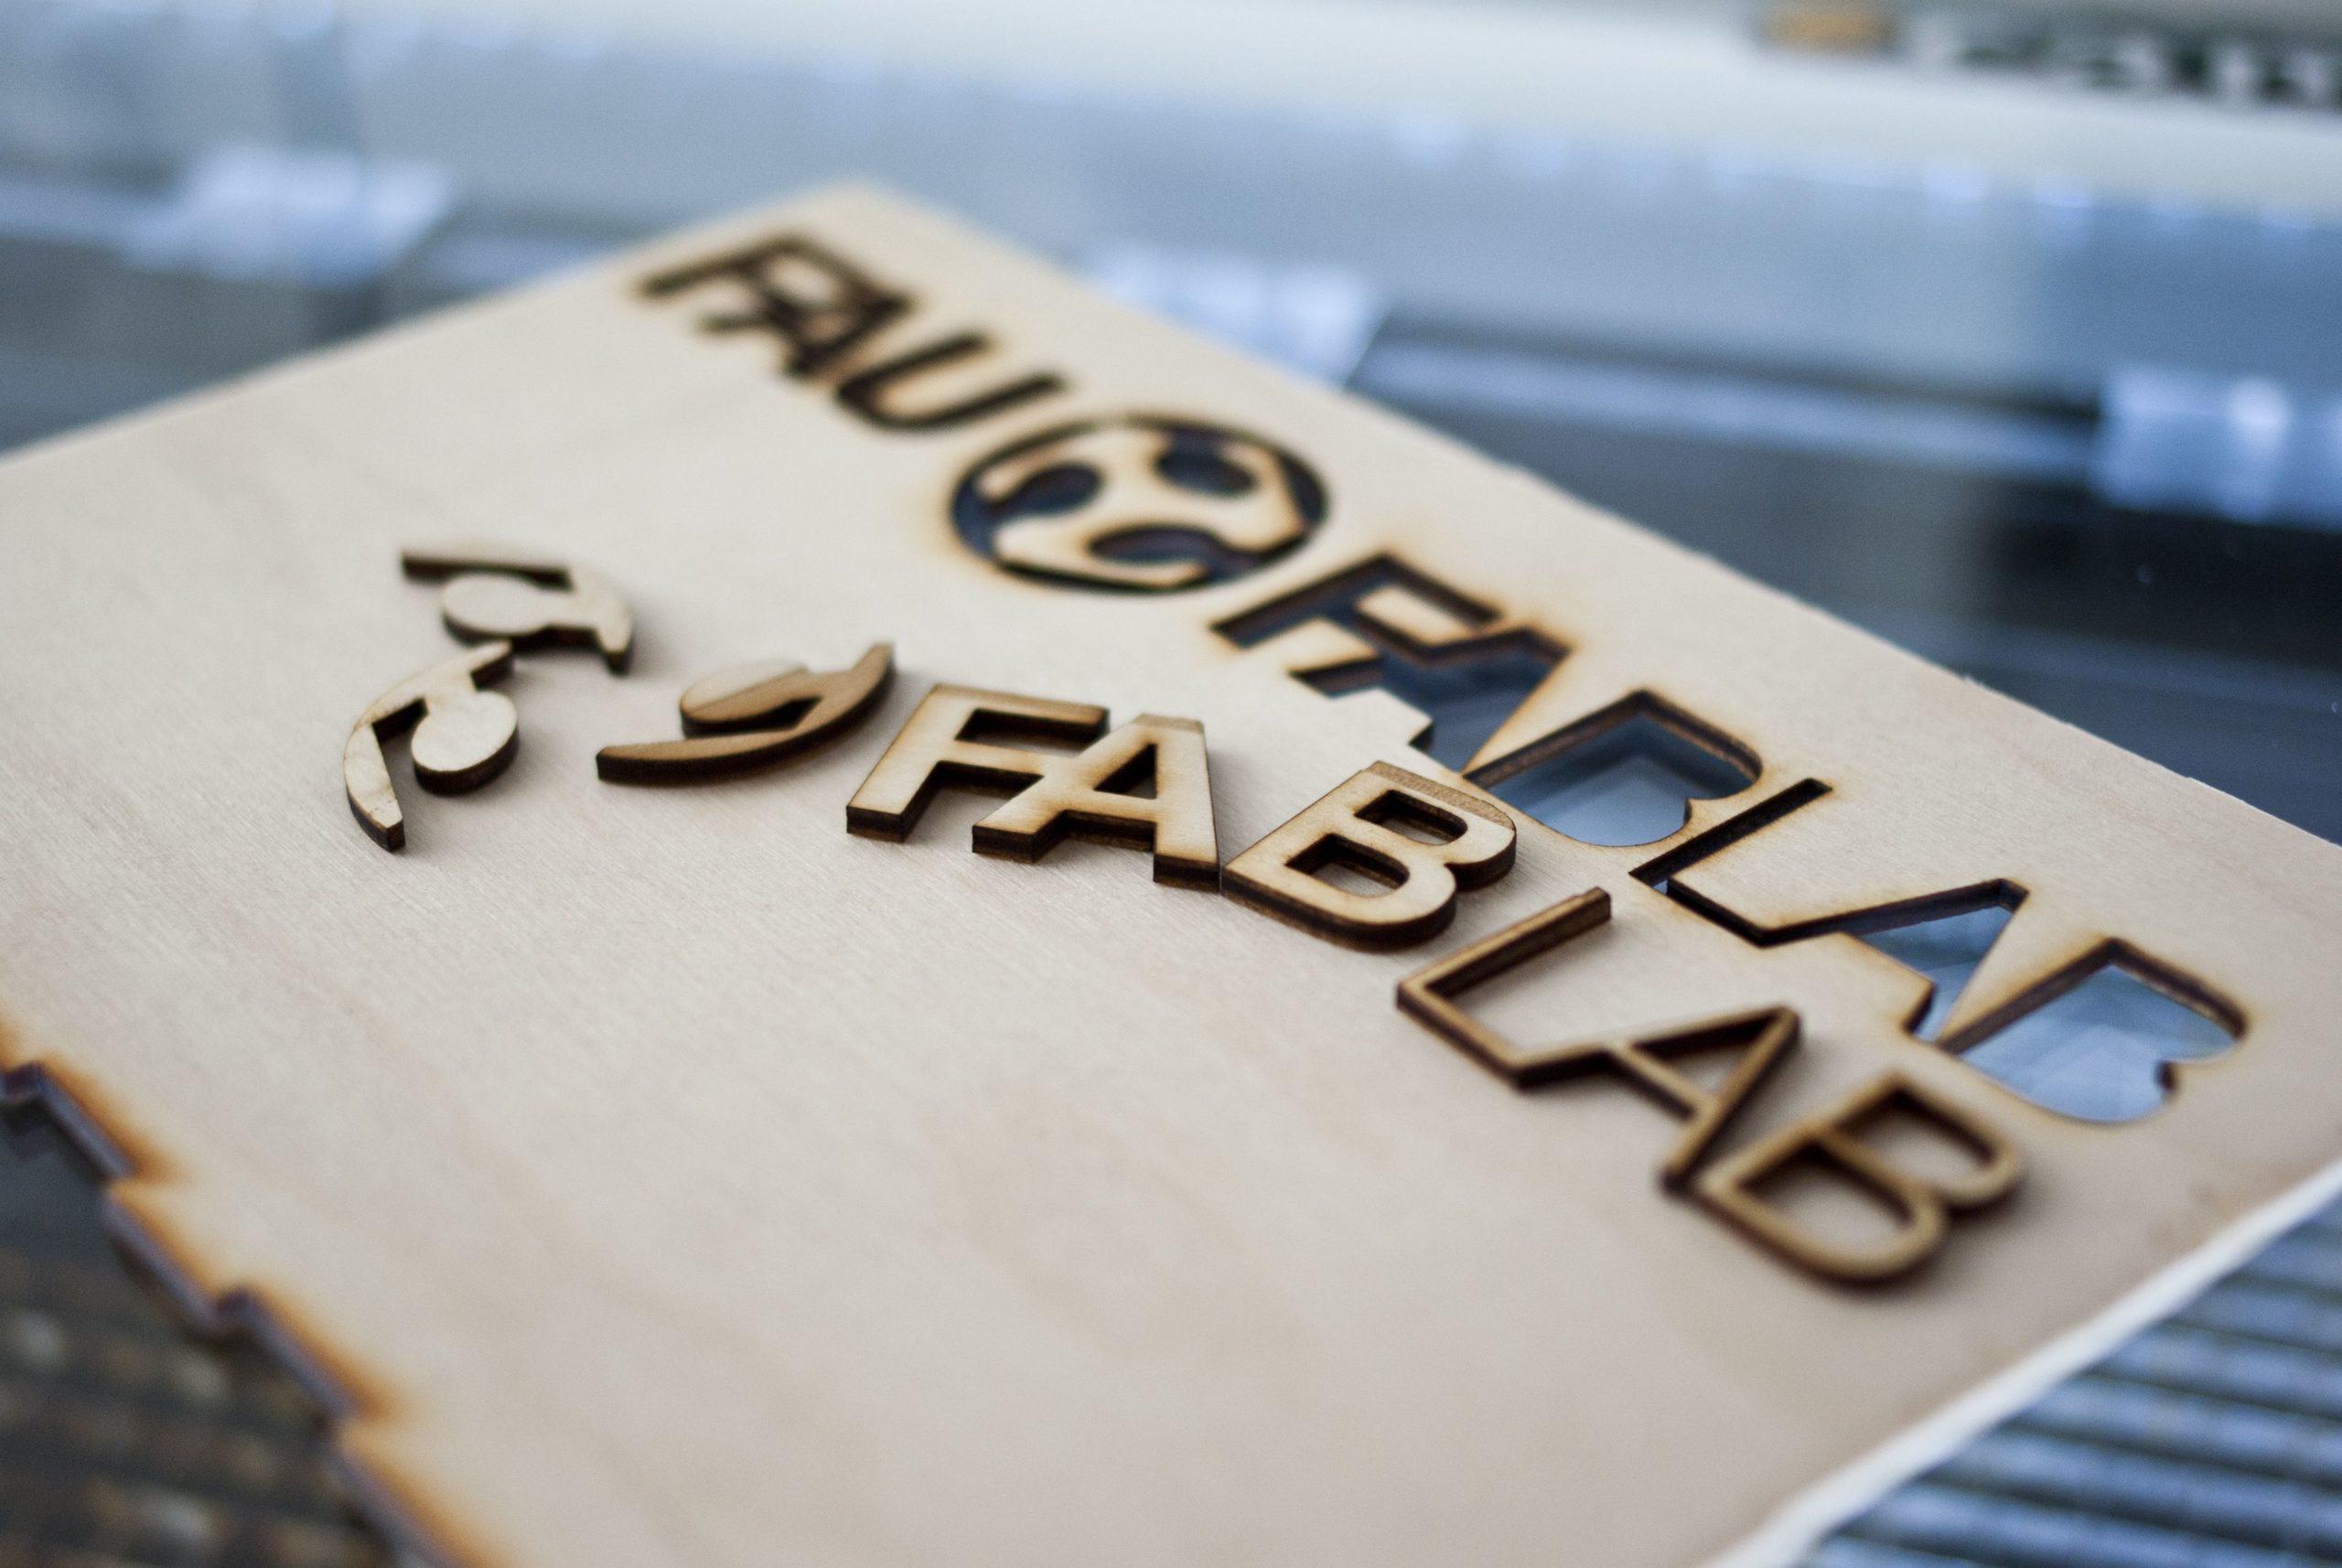 Buchstaben, die aus einem Stück Holz gelasert wurden